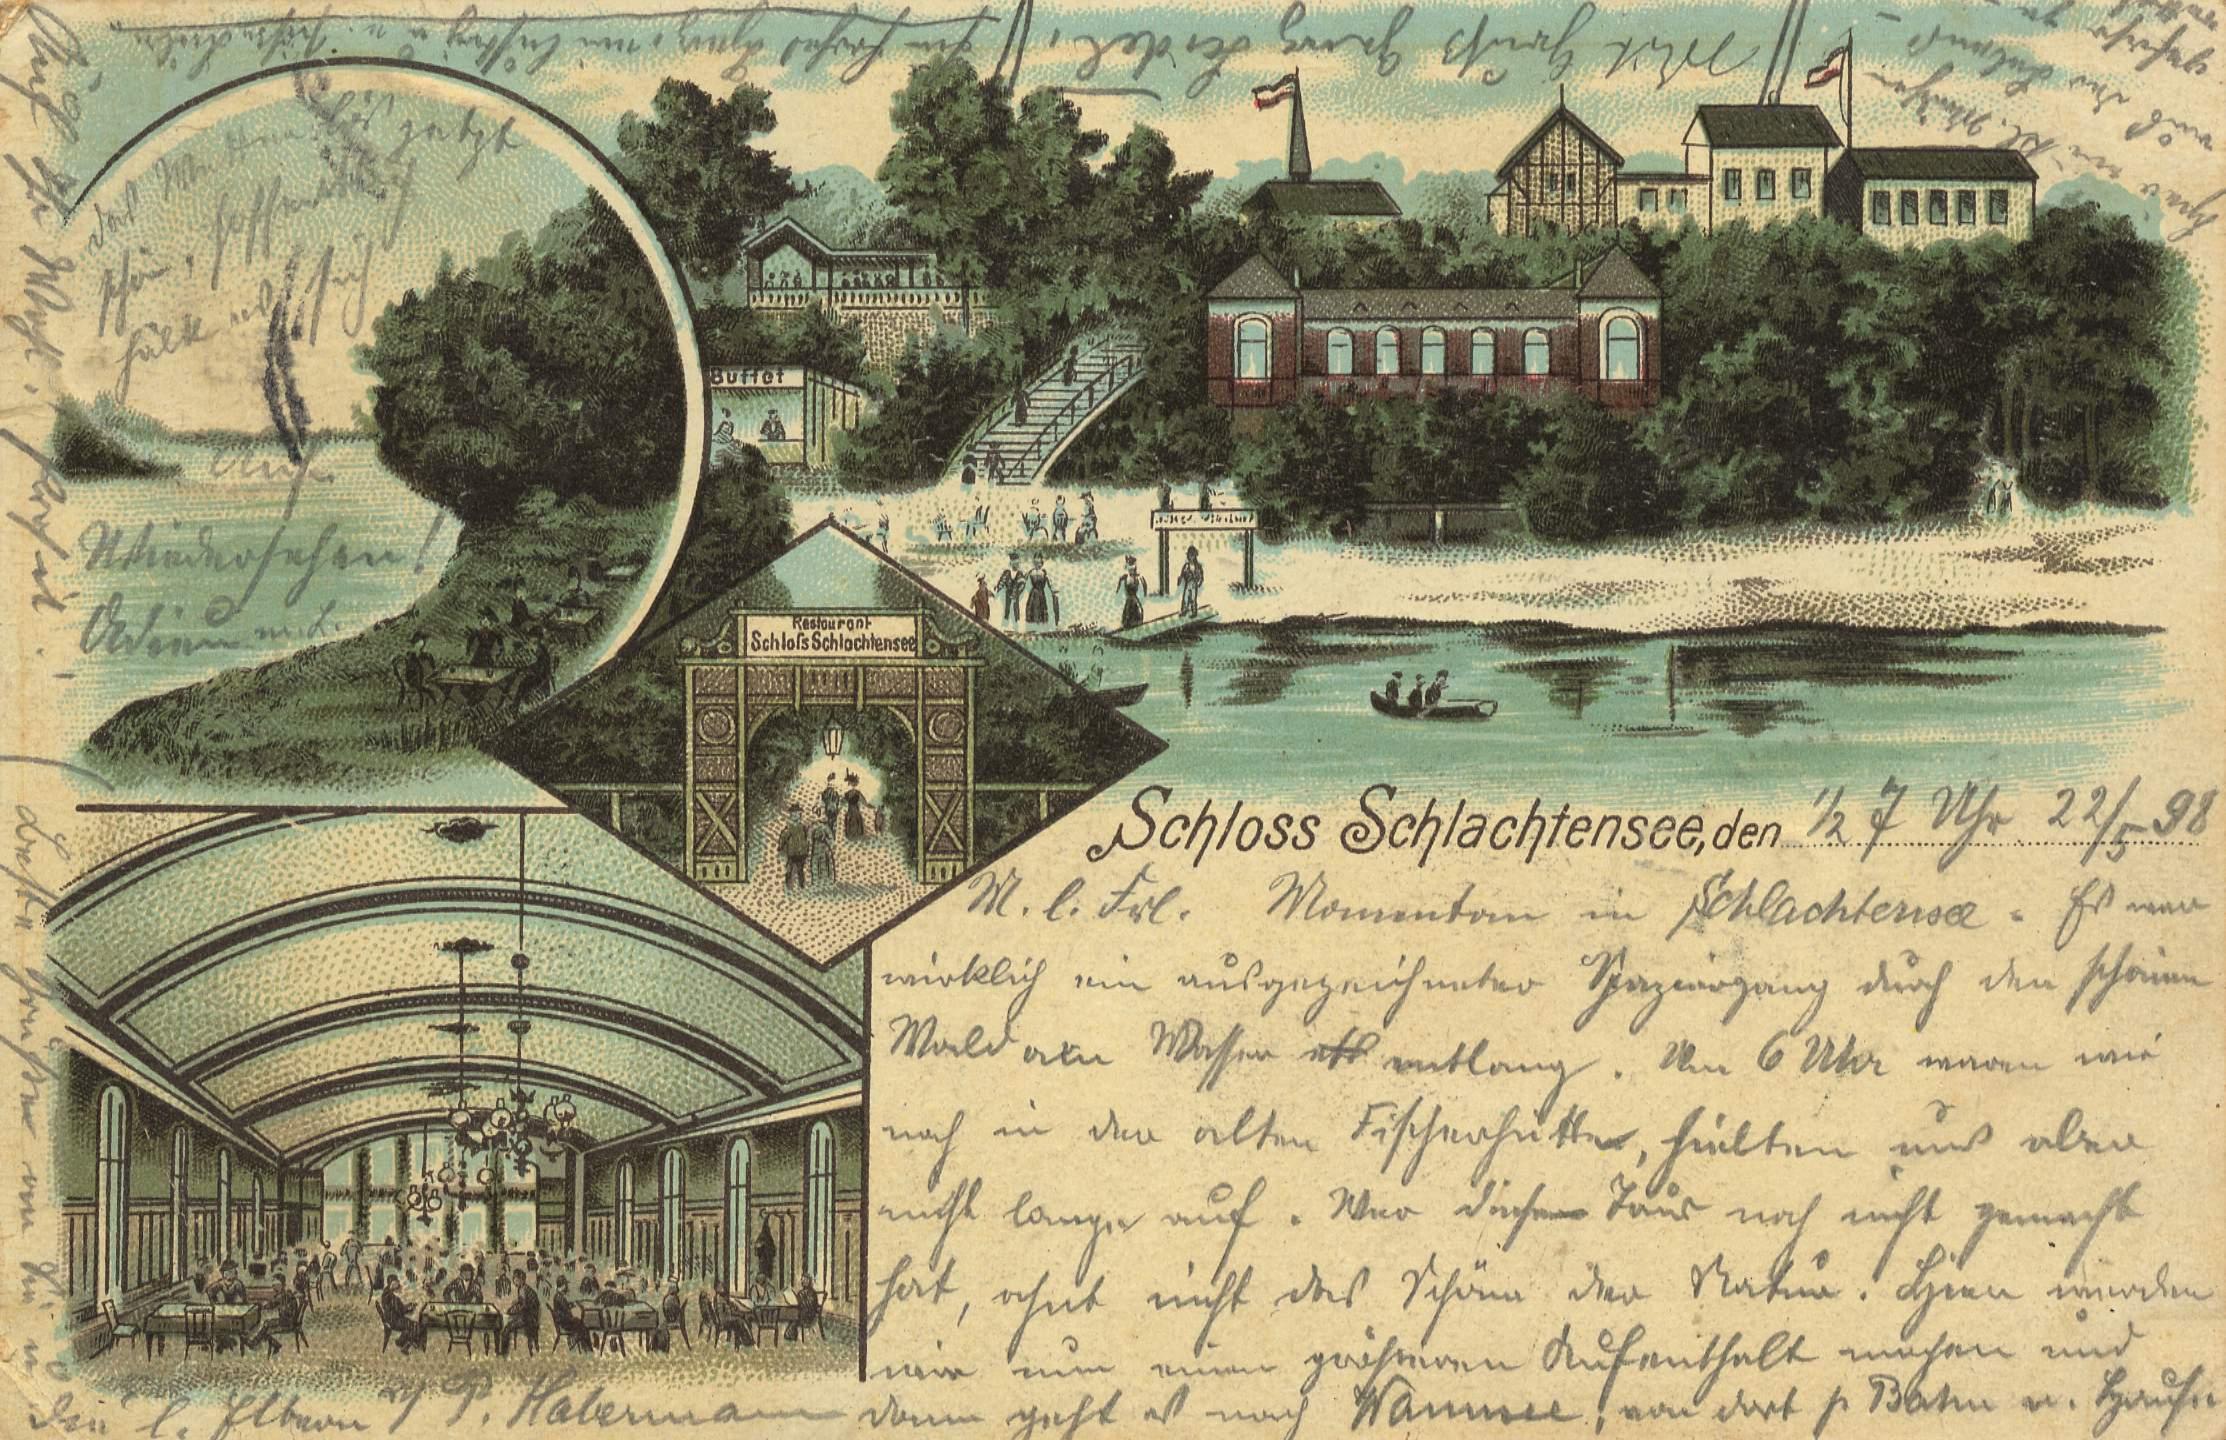 Ansichtskarte vom Schloss Schlachtensee, gelaufen 1898 (Quelle: zeno.org)